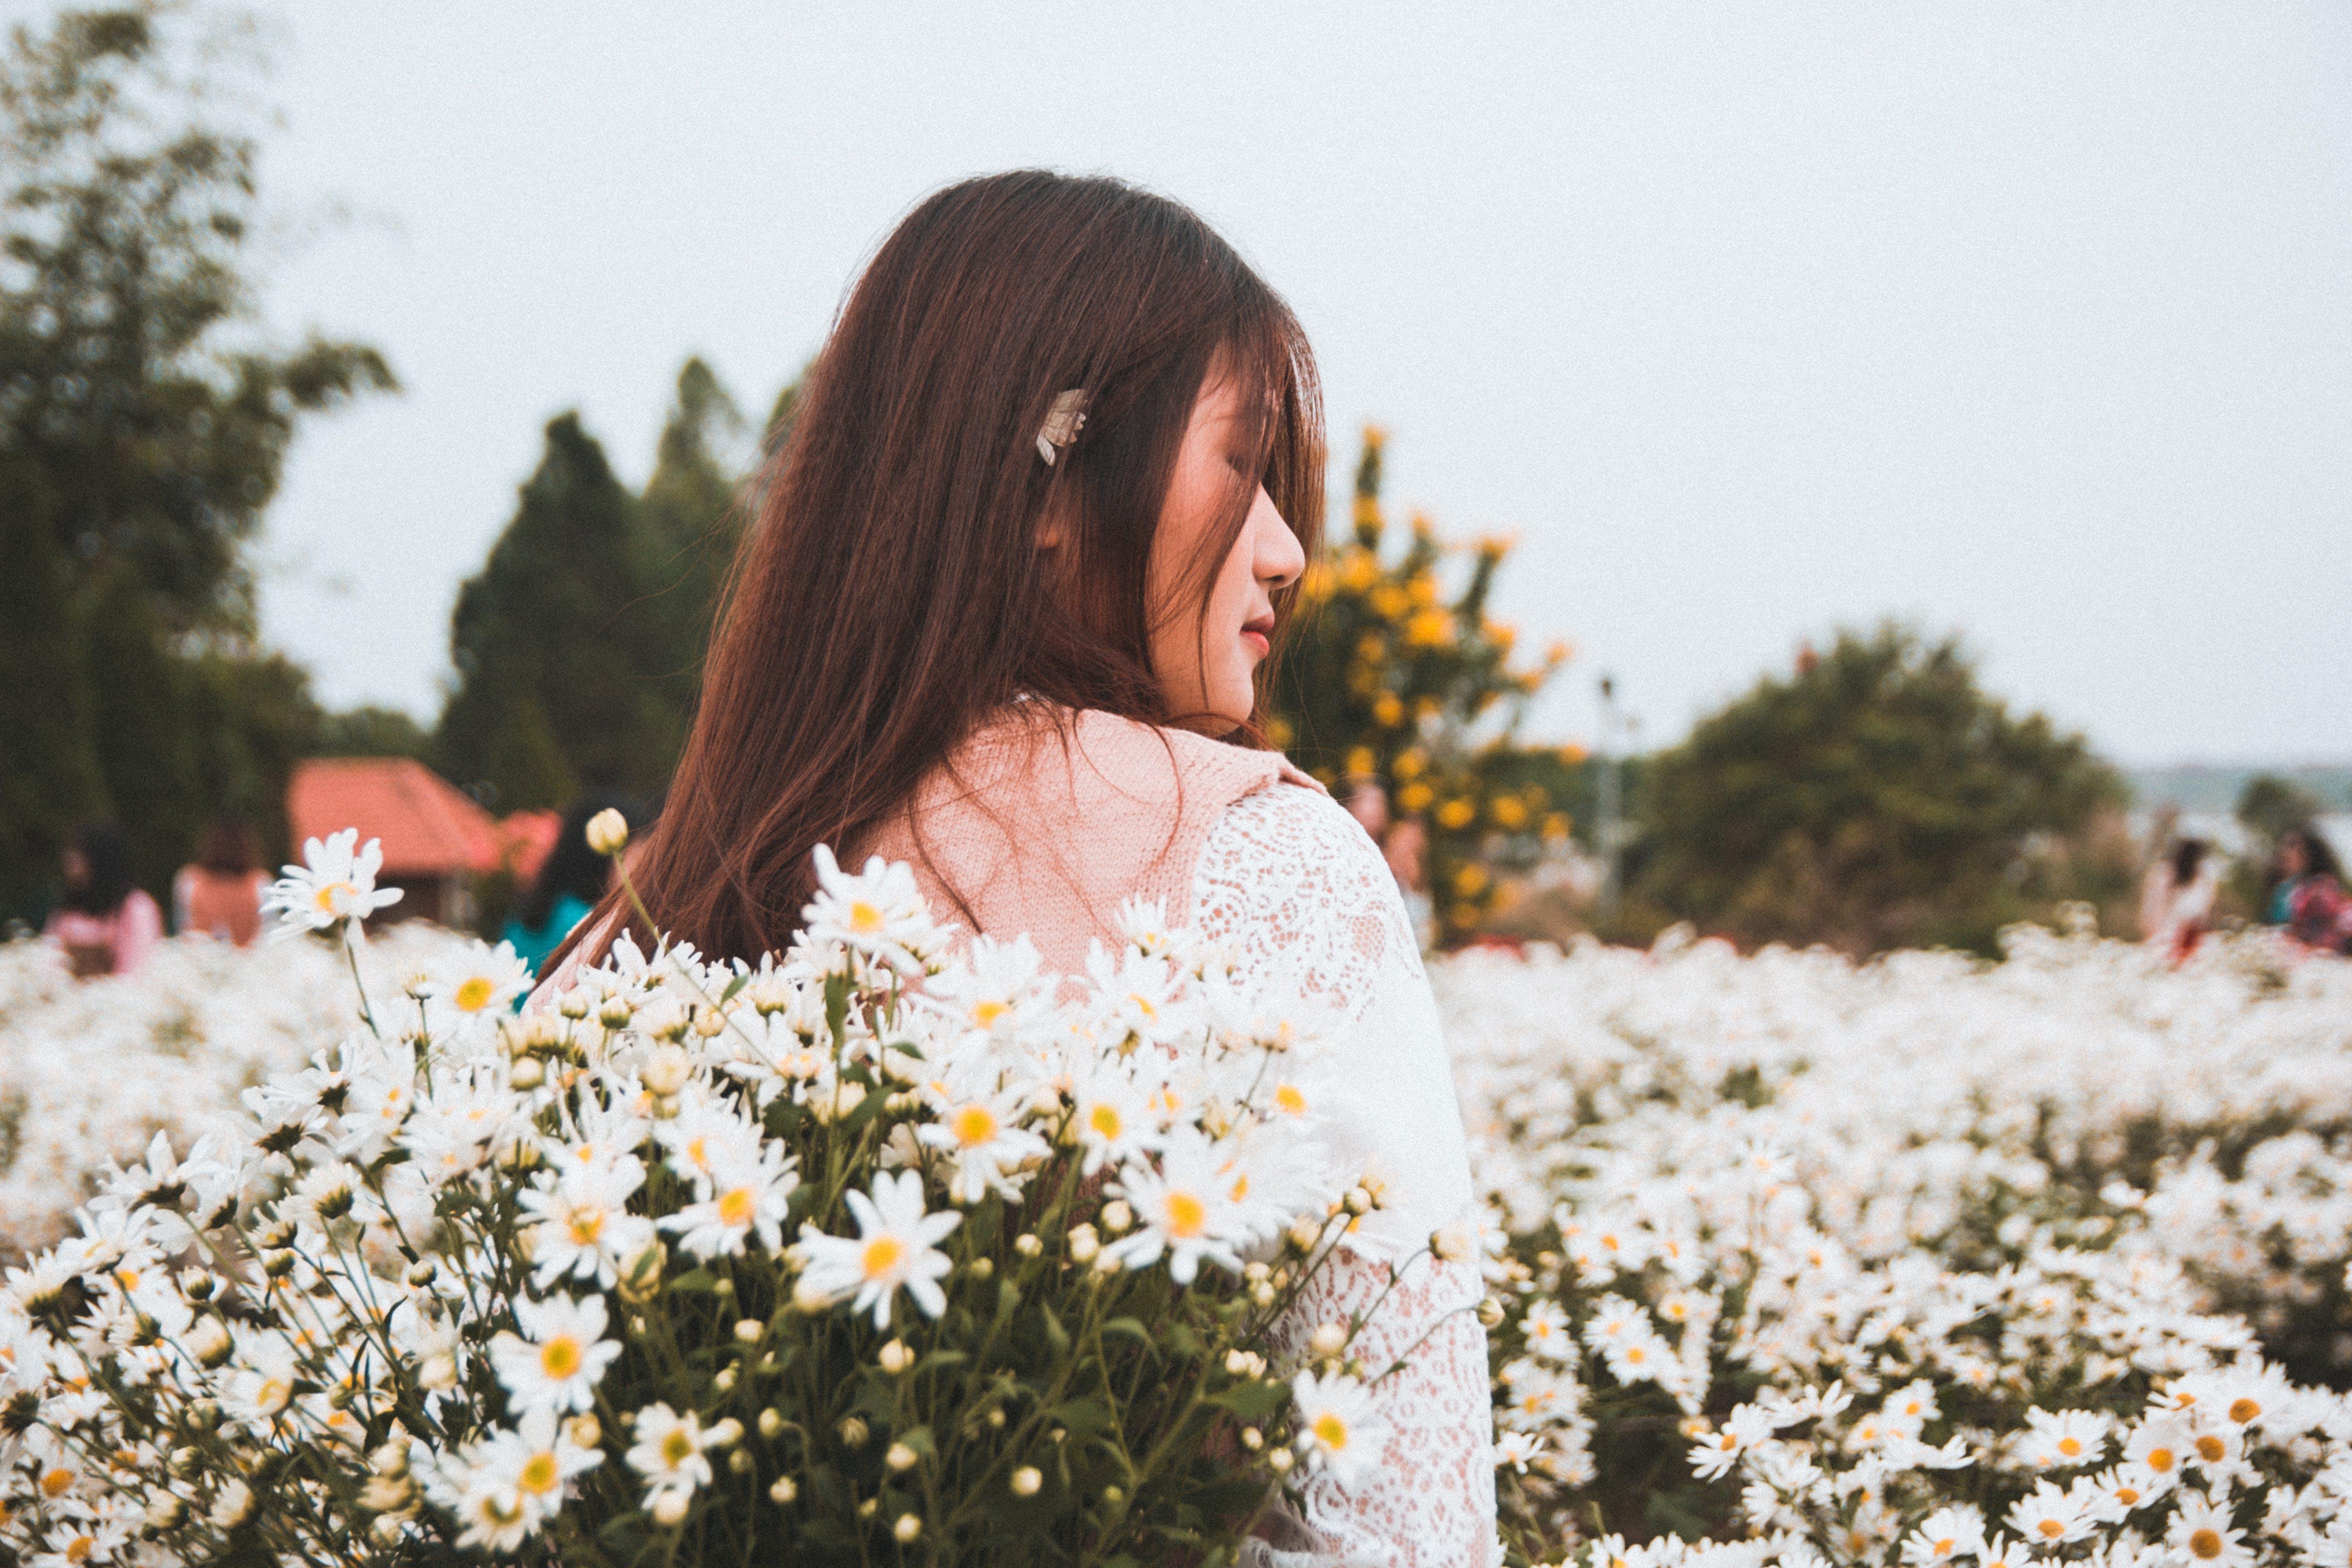 Gratis stockfoto met aantrekkelijk mooi, Aziatisch meisje, bloemen, bomen